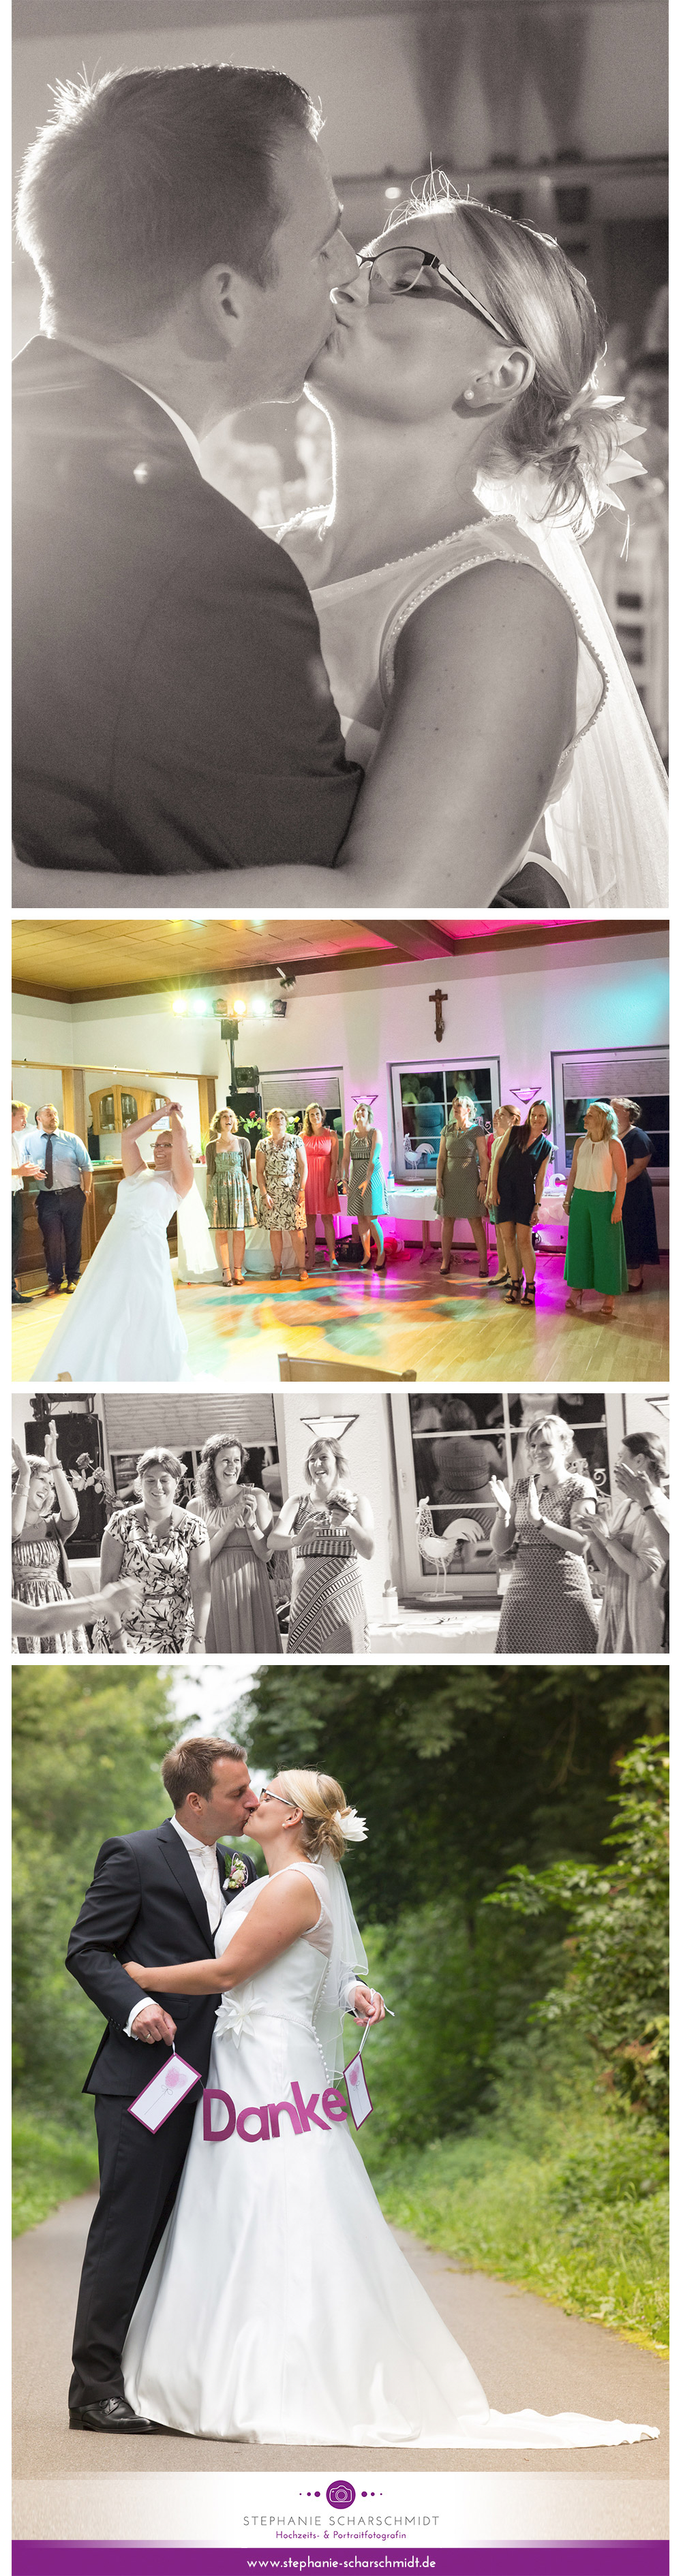 der Erste Tanz des Brautpaar – Hochzeit